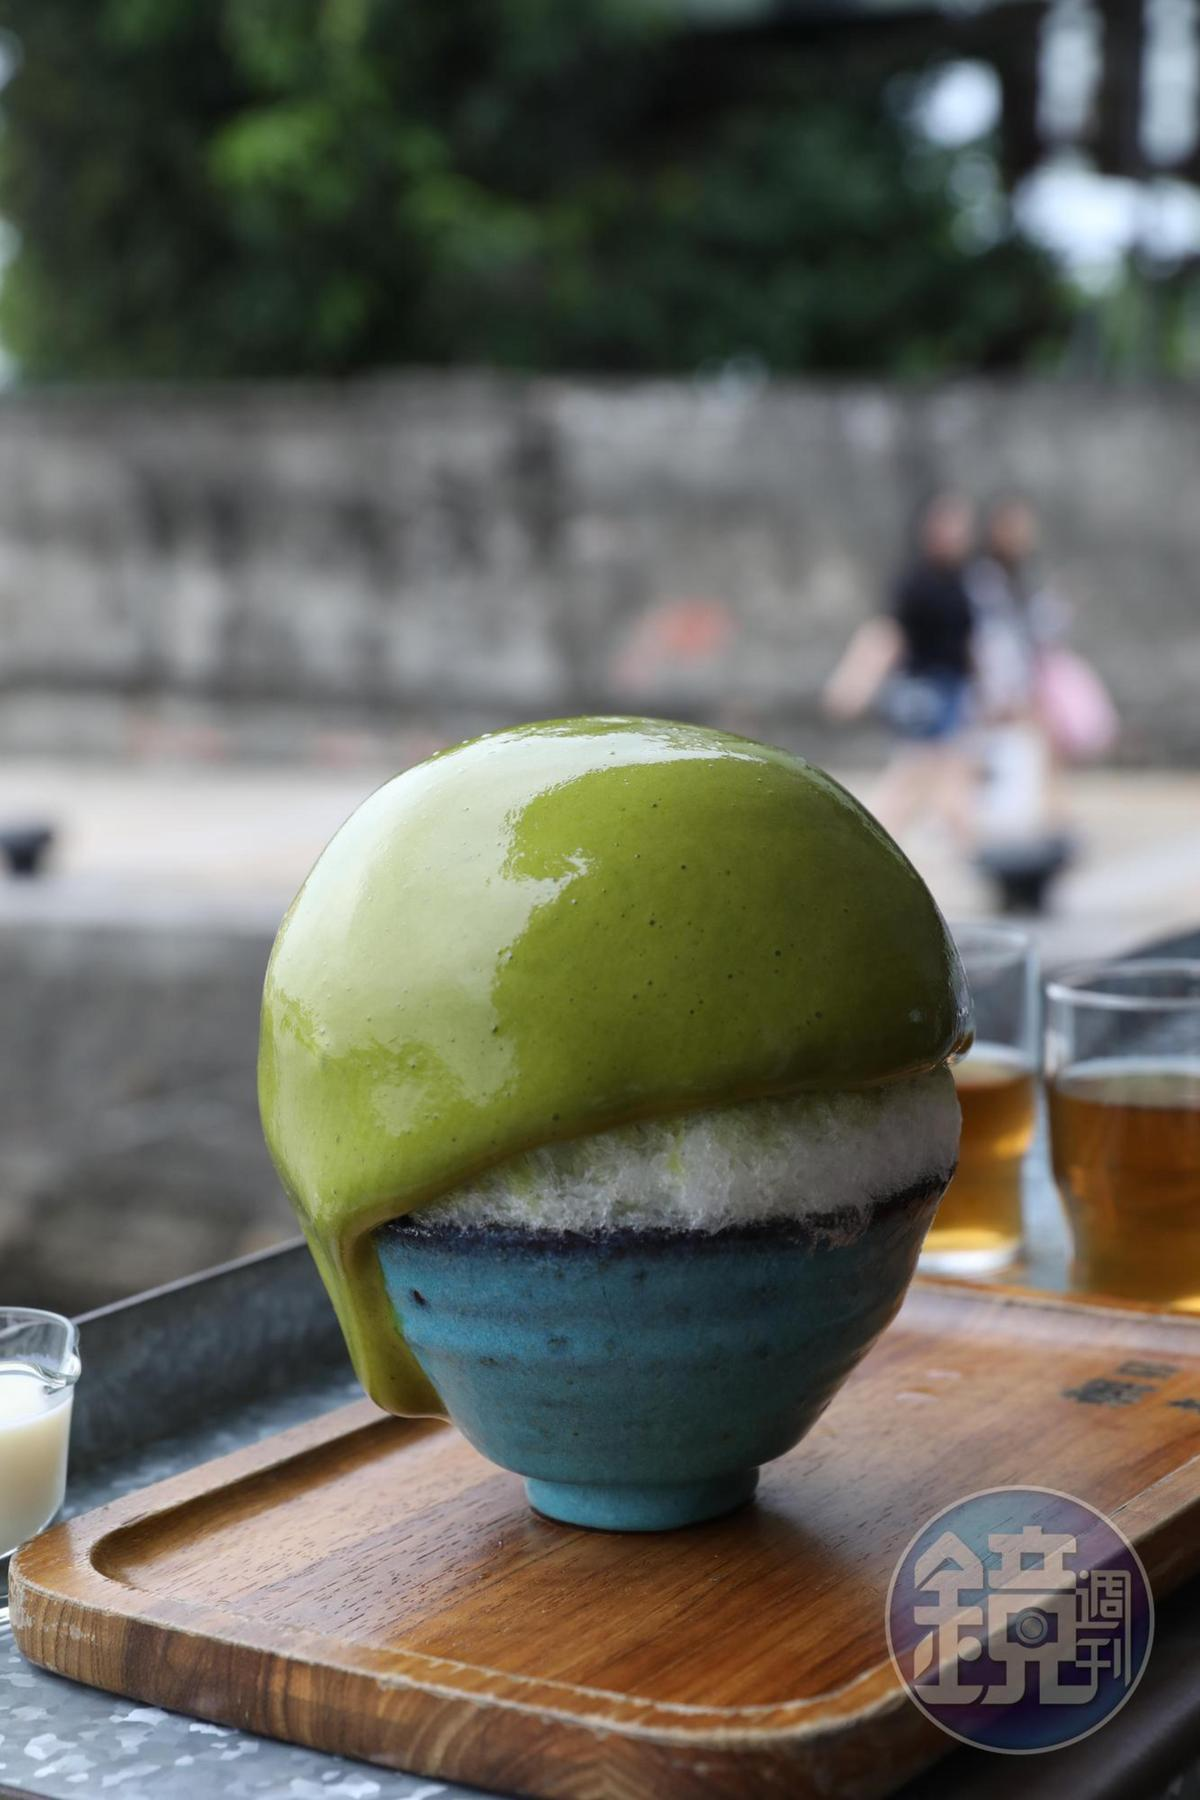 「ESPUMA宇治金時」淋上氣泡感的抹茶醬,口感綿密十分特別。(180元/份)